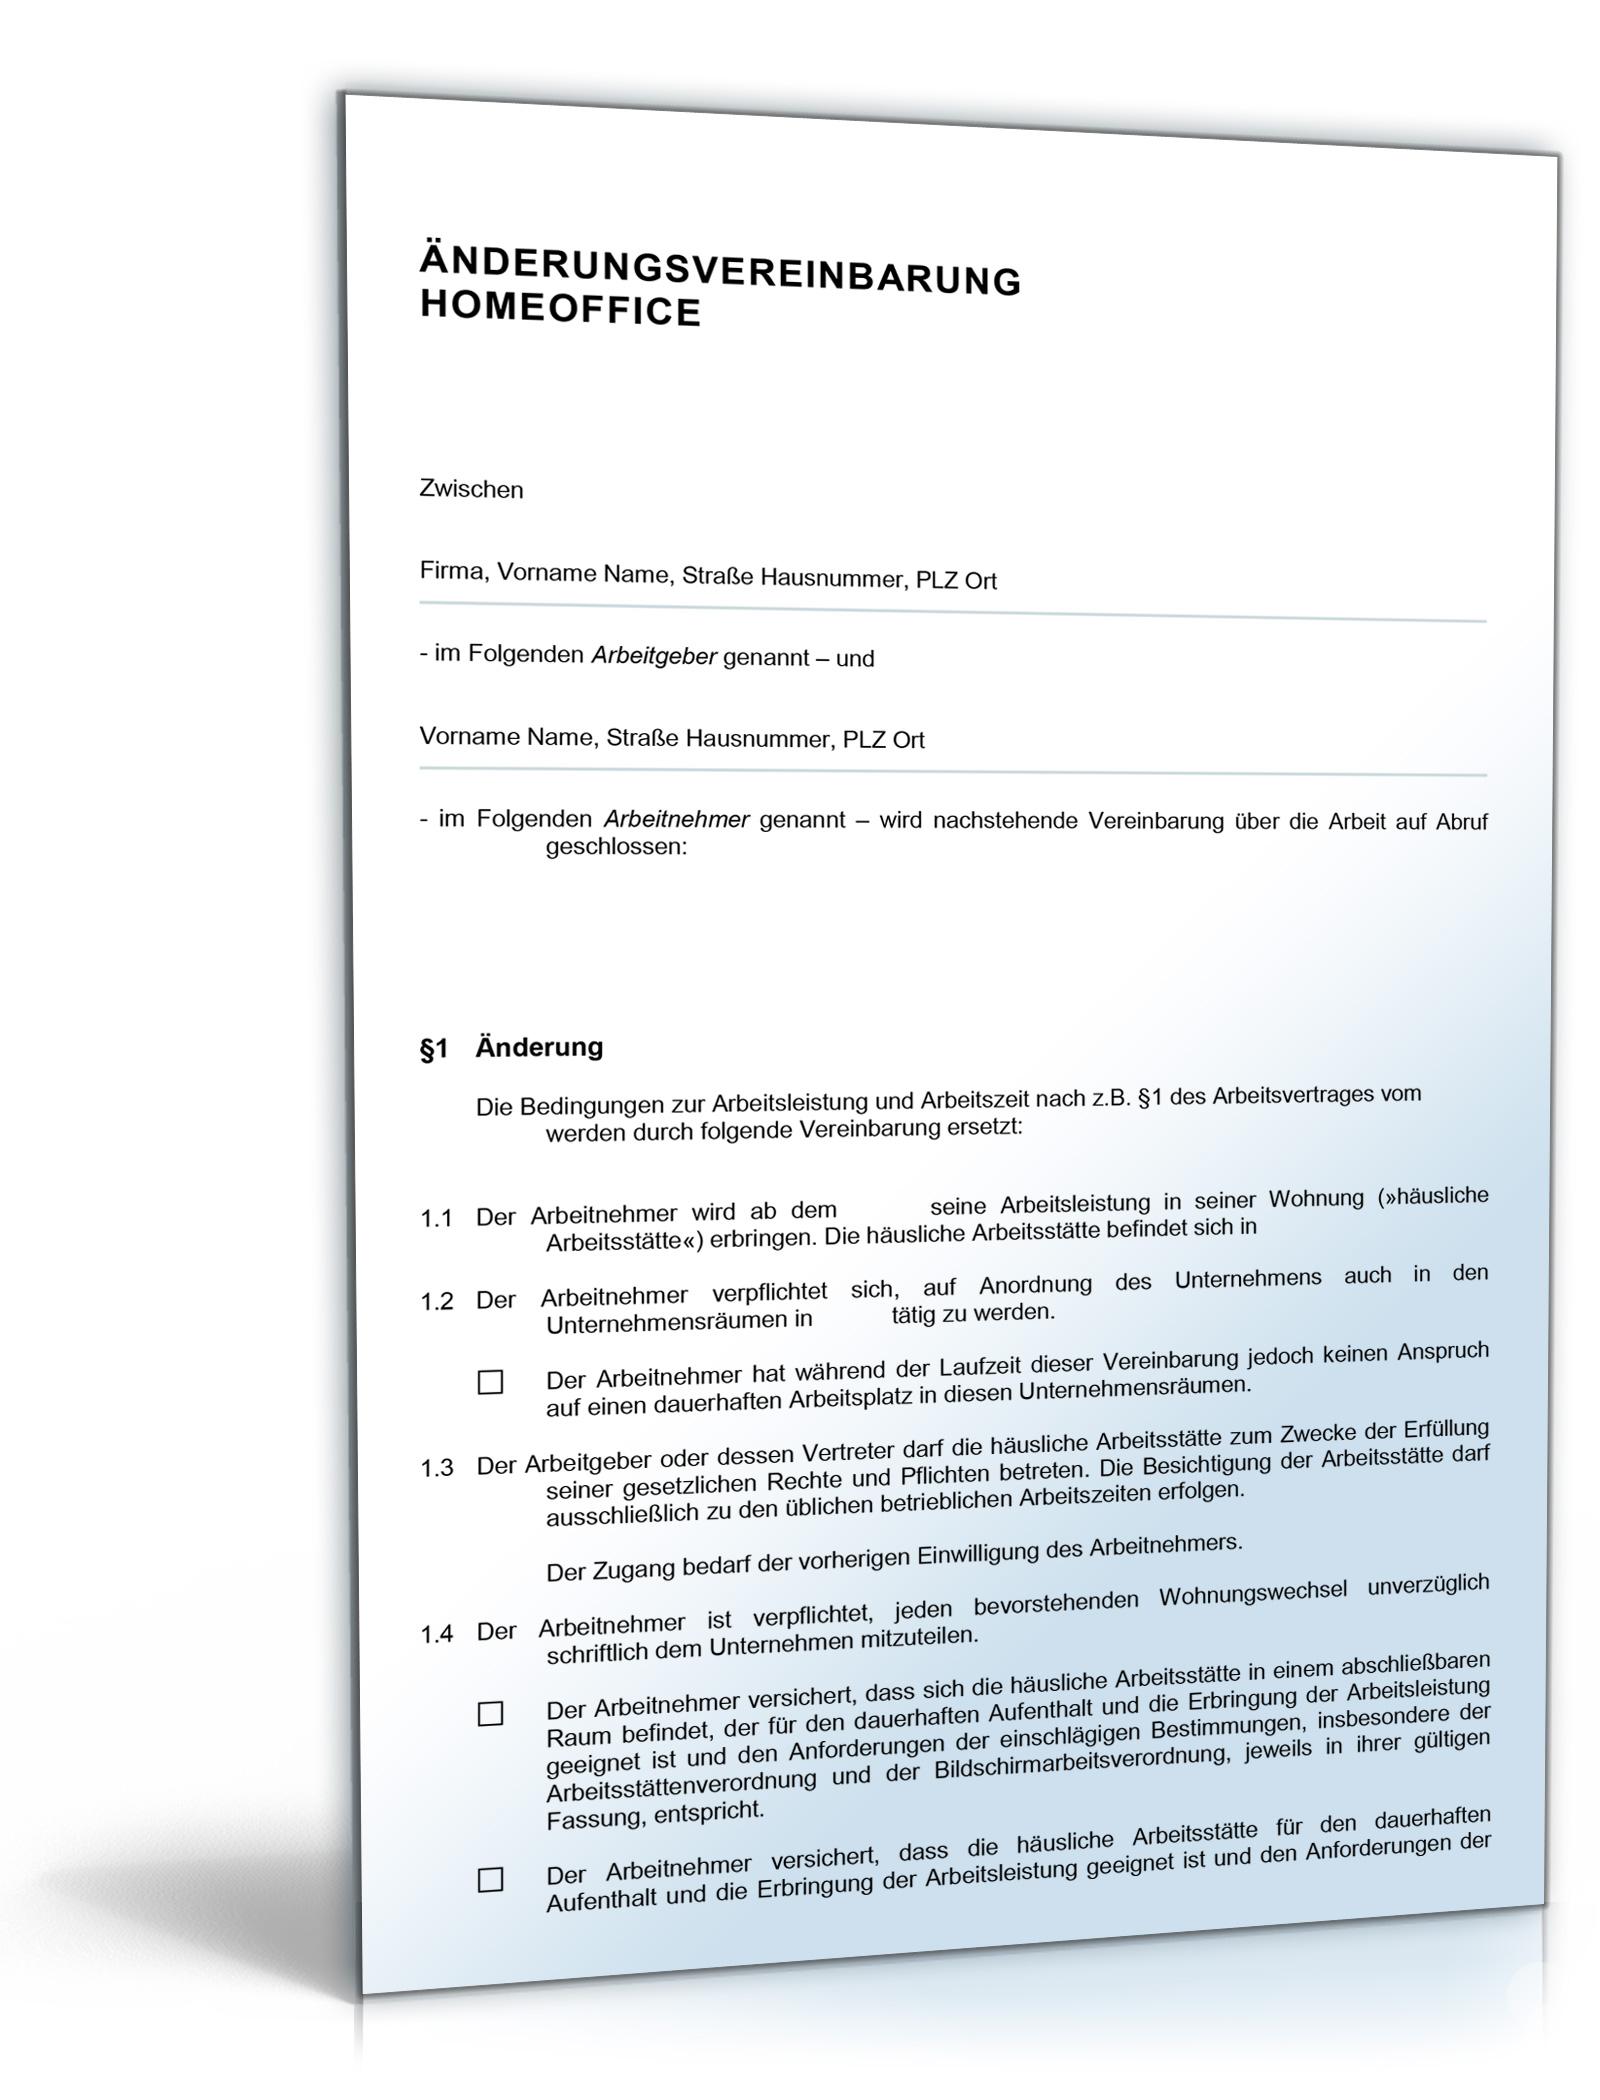 Änderungsvereinbarung Homeoffice Dokument zum Download